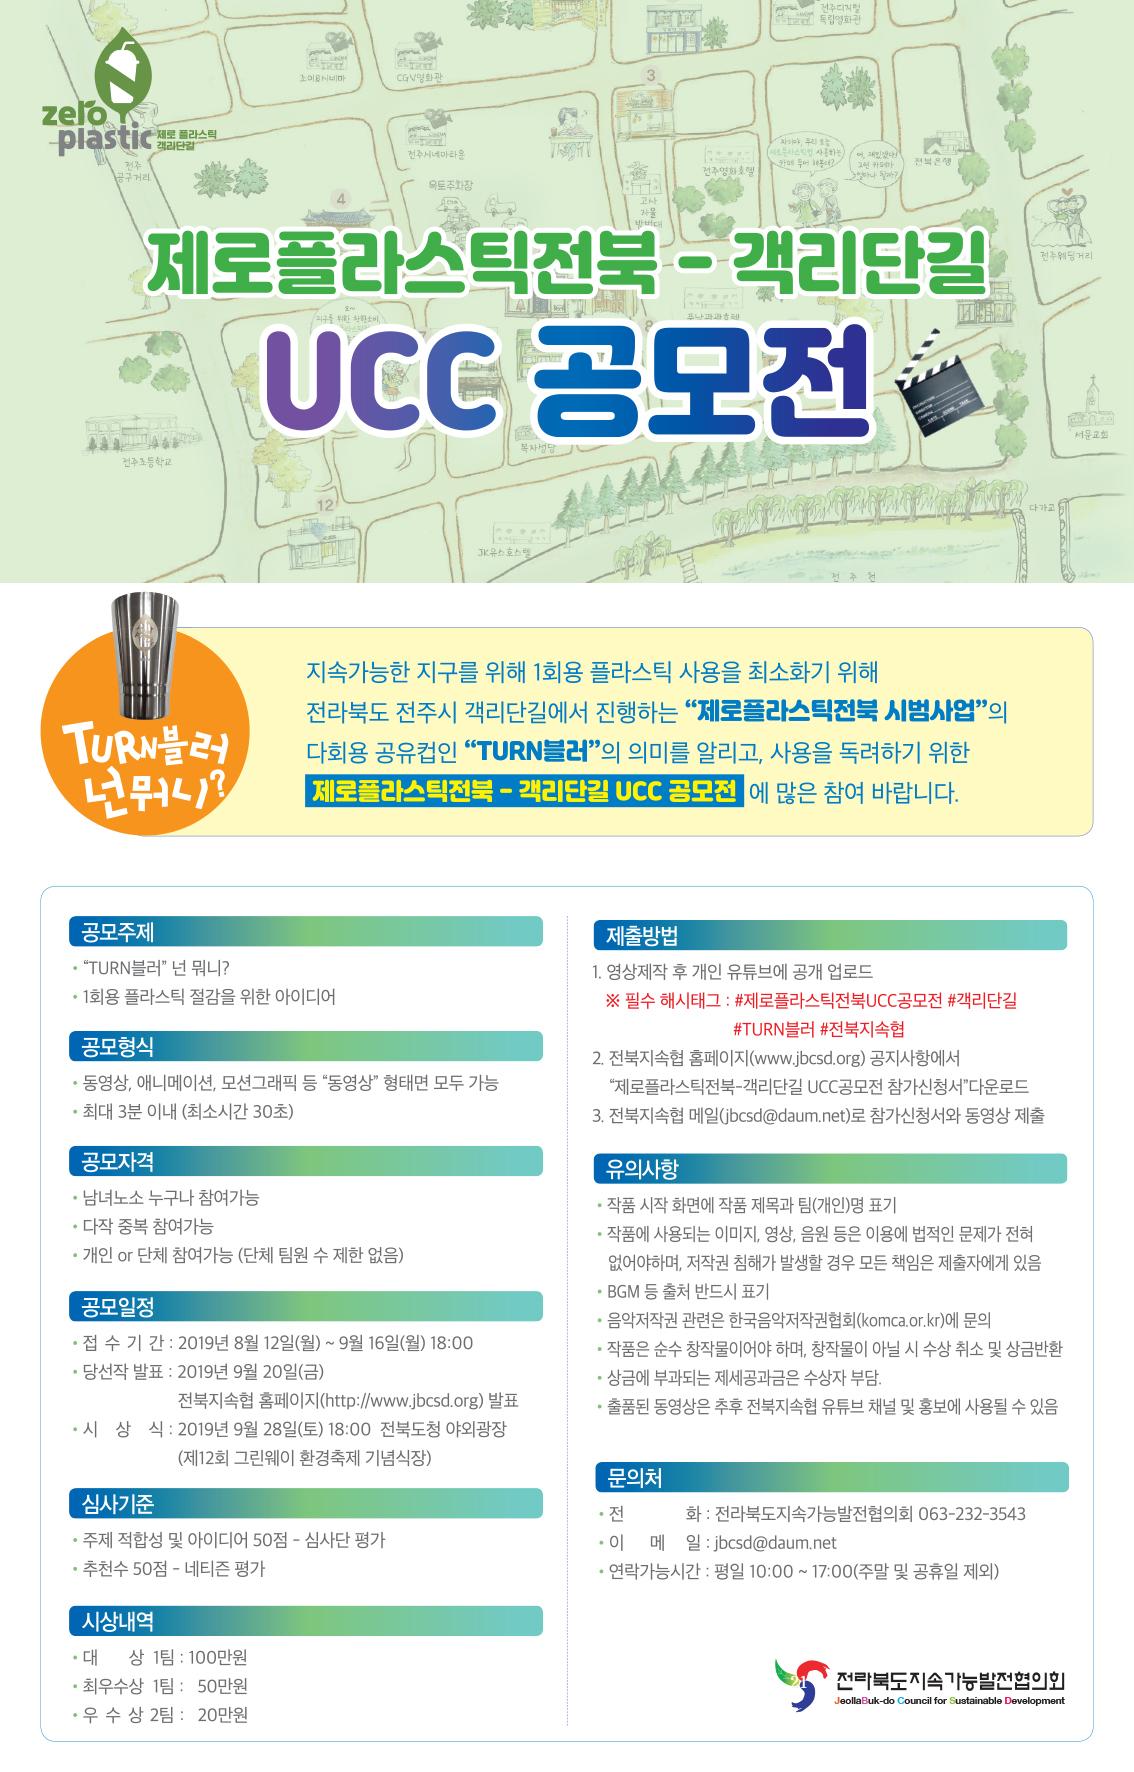 제로플라스틱-ucc공모전웹자보-최종.jpg